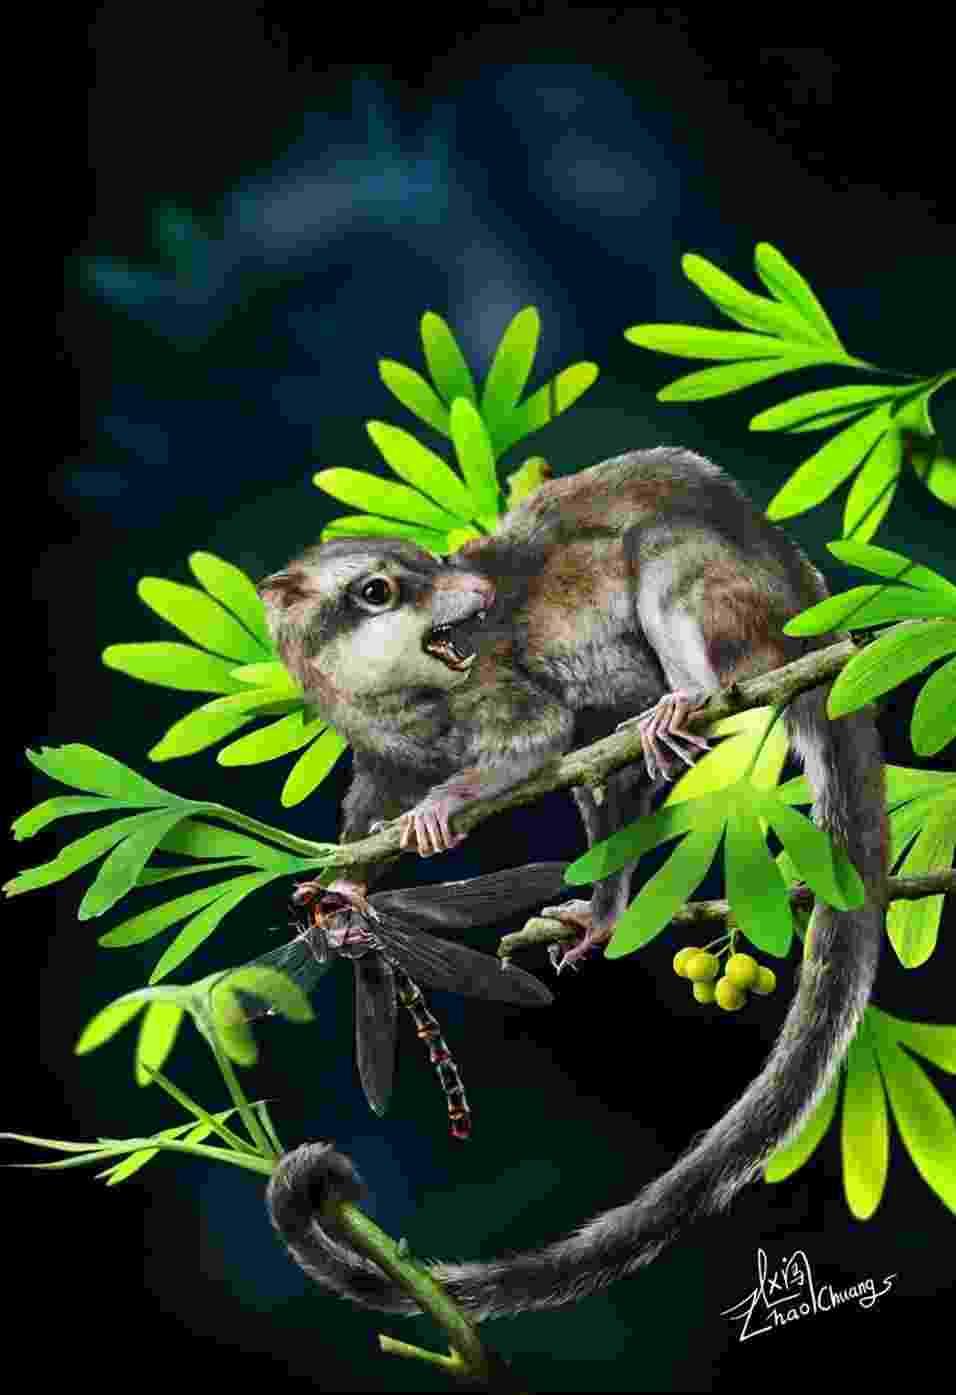 """7.ago.2013 - O time liderado pelo chinês Jin Meng apresentou um animal da ordem Haramiyida que foi batizado de """"Arboroharamiya"""", em função de ser adaptado a viver nas árvores. Após analisar o fóssil, o grupo concluiu que as características do esqueleto apoiavam a ideia de sua relação com os multituberculados, uma ordem de mamíferos roedores, situando a origem dos mamíferos entre 40 e 50 milhões de anos antes do que se pensava até agora. A descrição do animal pré-histórico foi publicada na revista Nature, em paralelo com a do """"Megaconus"""", que viveu há cerca de 165 milhões de anos na China, e também reforça a tese da evolução antecipada dos mamíferos - Zhao Chuang/Jin Meng et al."""